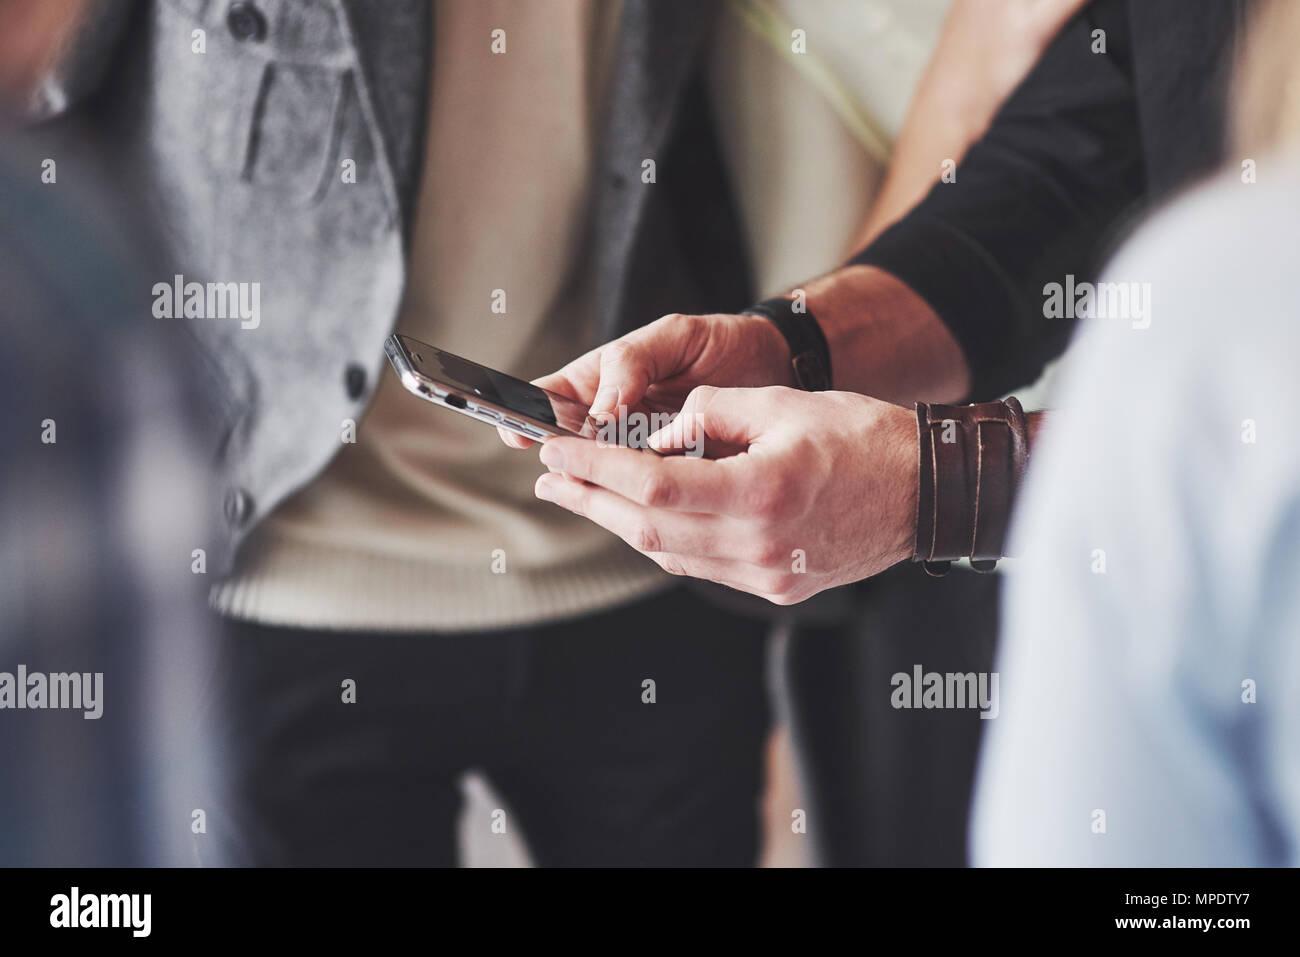 Cerrar jóvenes amigos mirando teléfono inteligente mientras está sentado en la cafetería. Personas de raza mixta en un restaurante a través de teléfono móvil Imagen De Stock